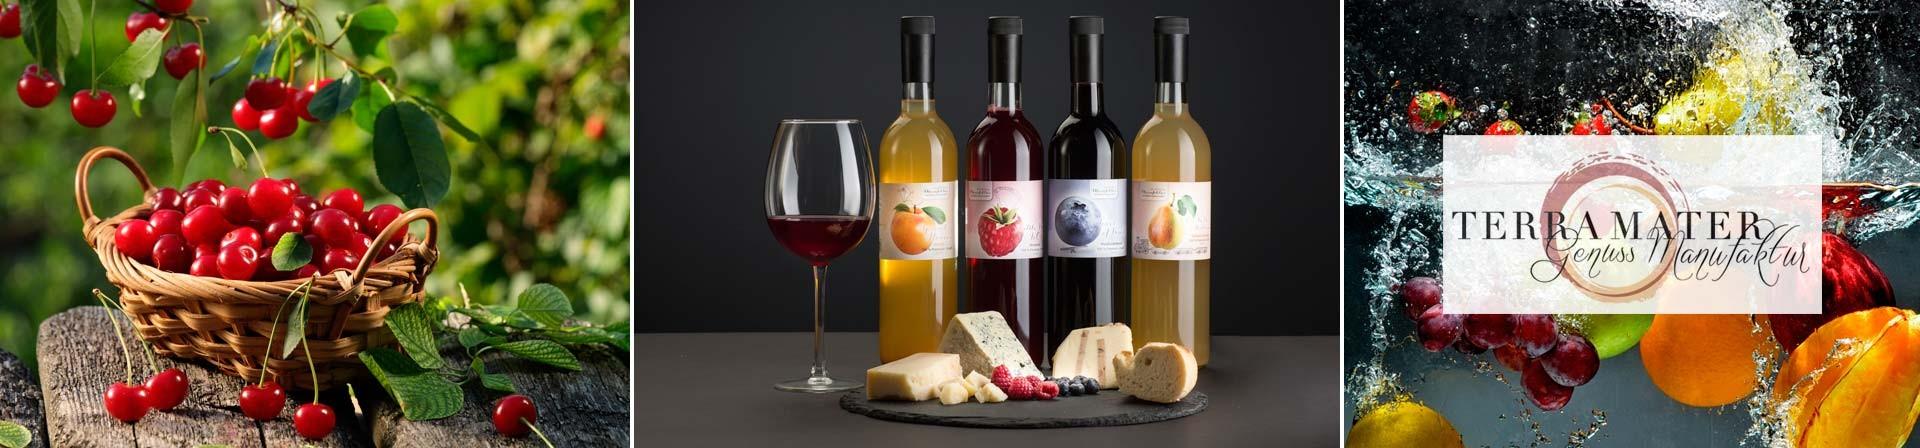 Terra Mater - Ein österreichisches Spitzenprodukt - 100 % Frucht in der Flasche.